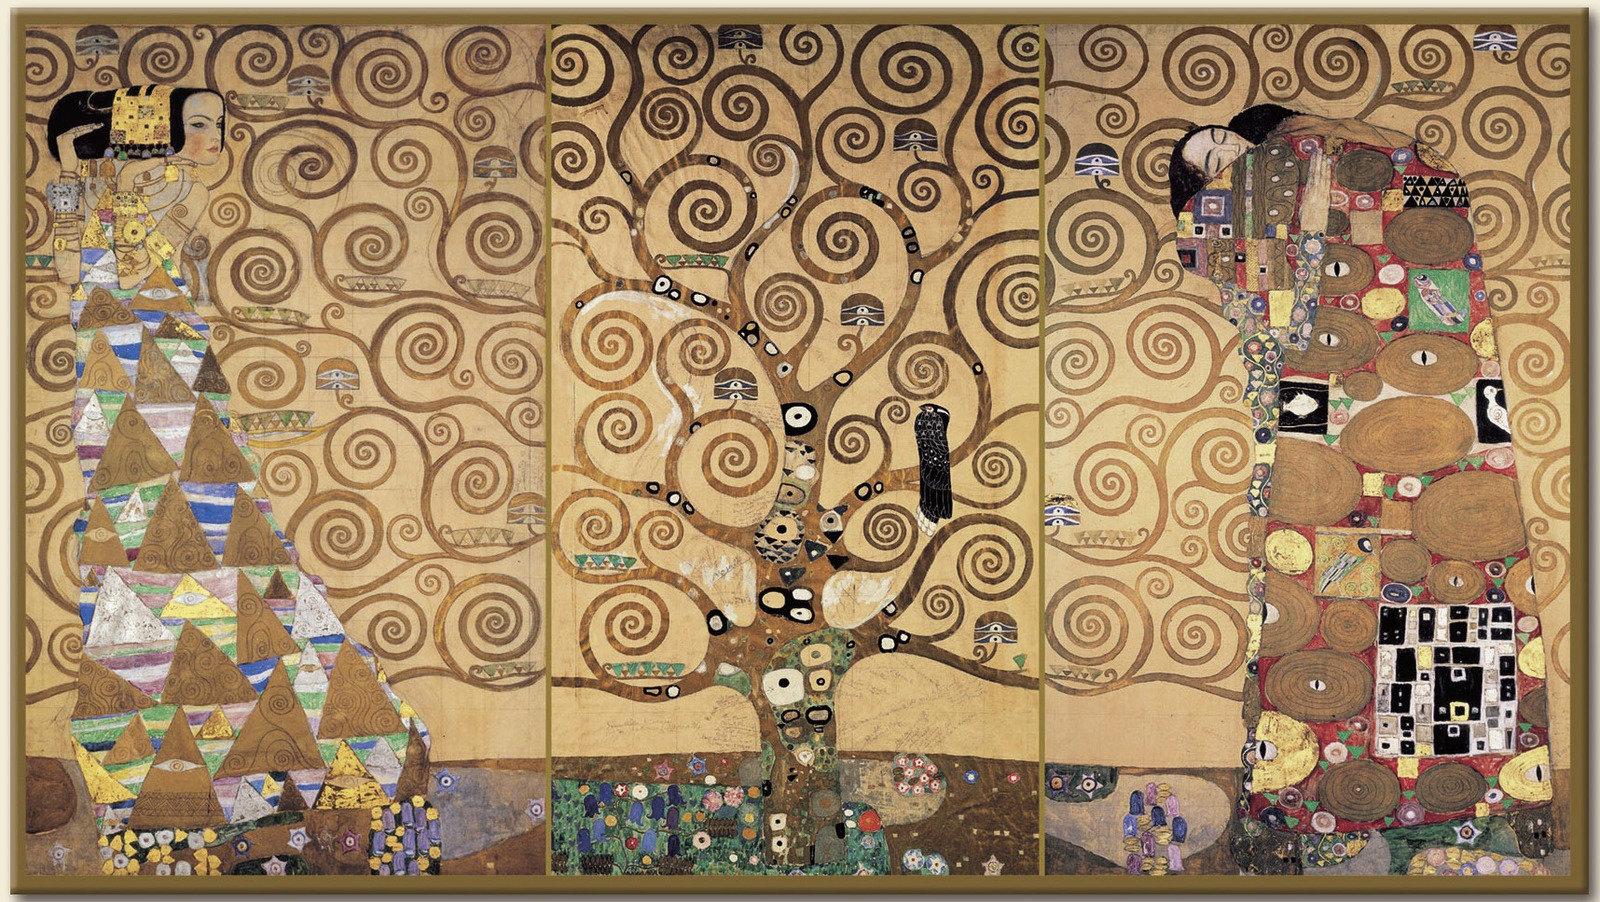 Karton zum Palais Stoclet, 1905-1909, Gustav Klimt, Fondazione BEIC, CC BY-NC-ND